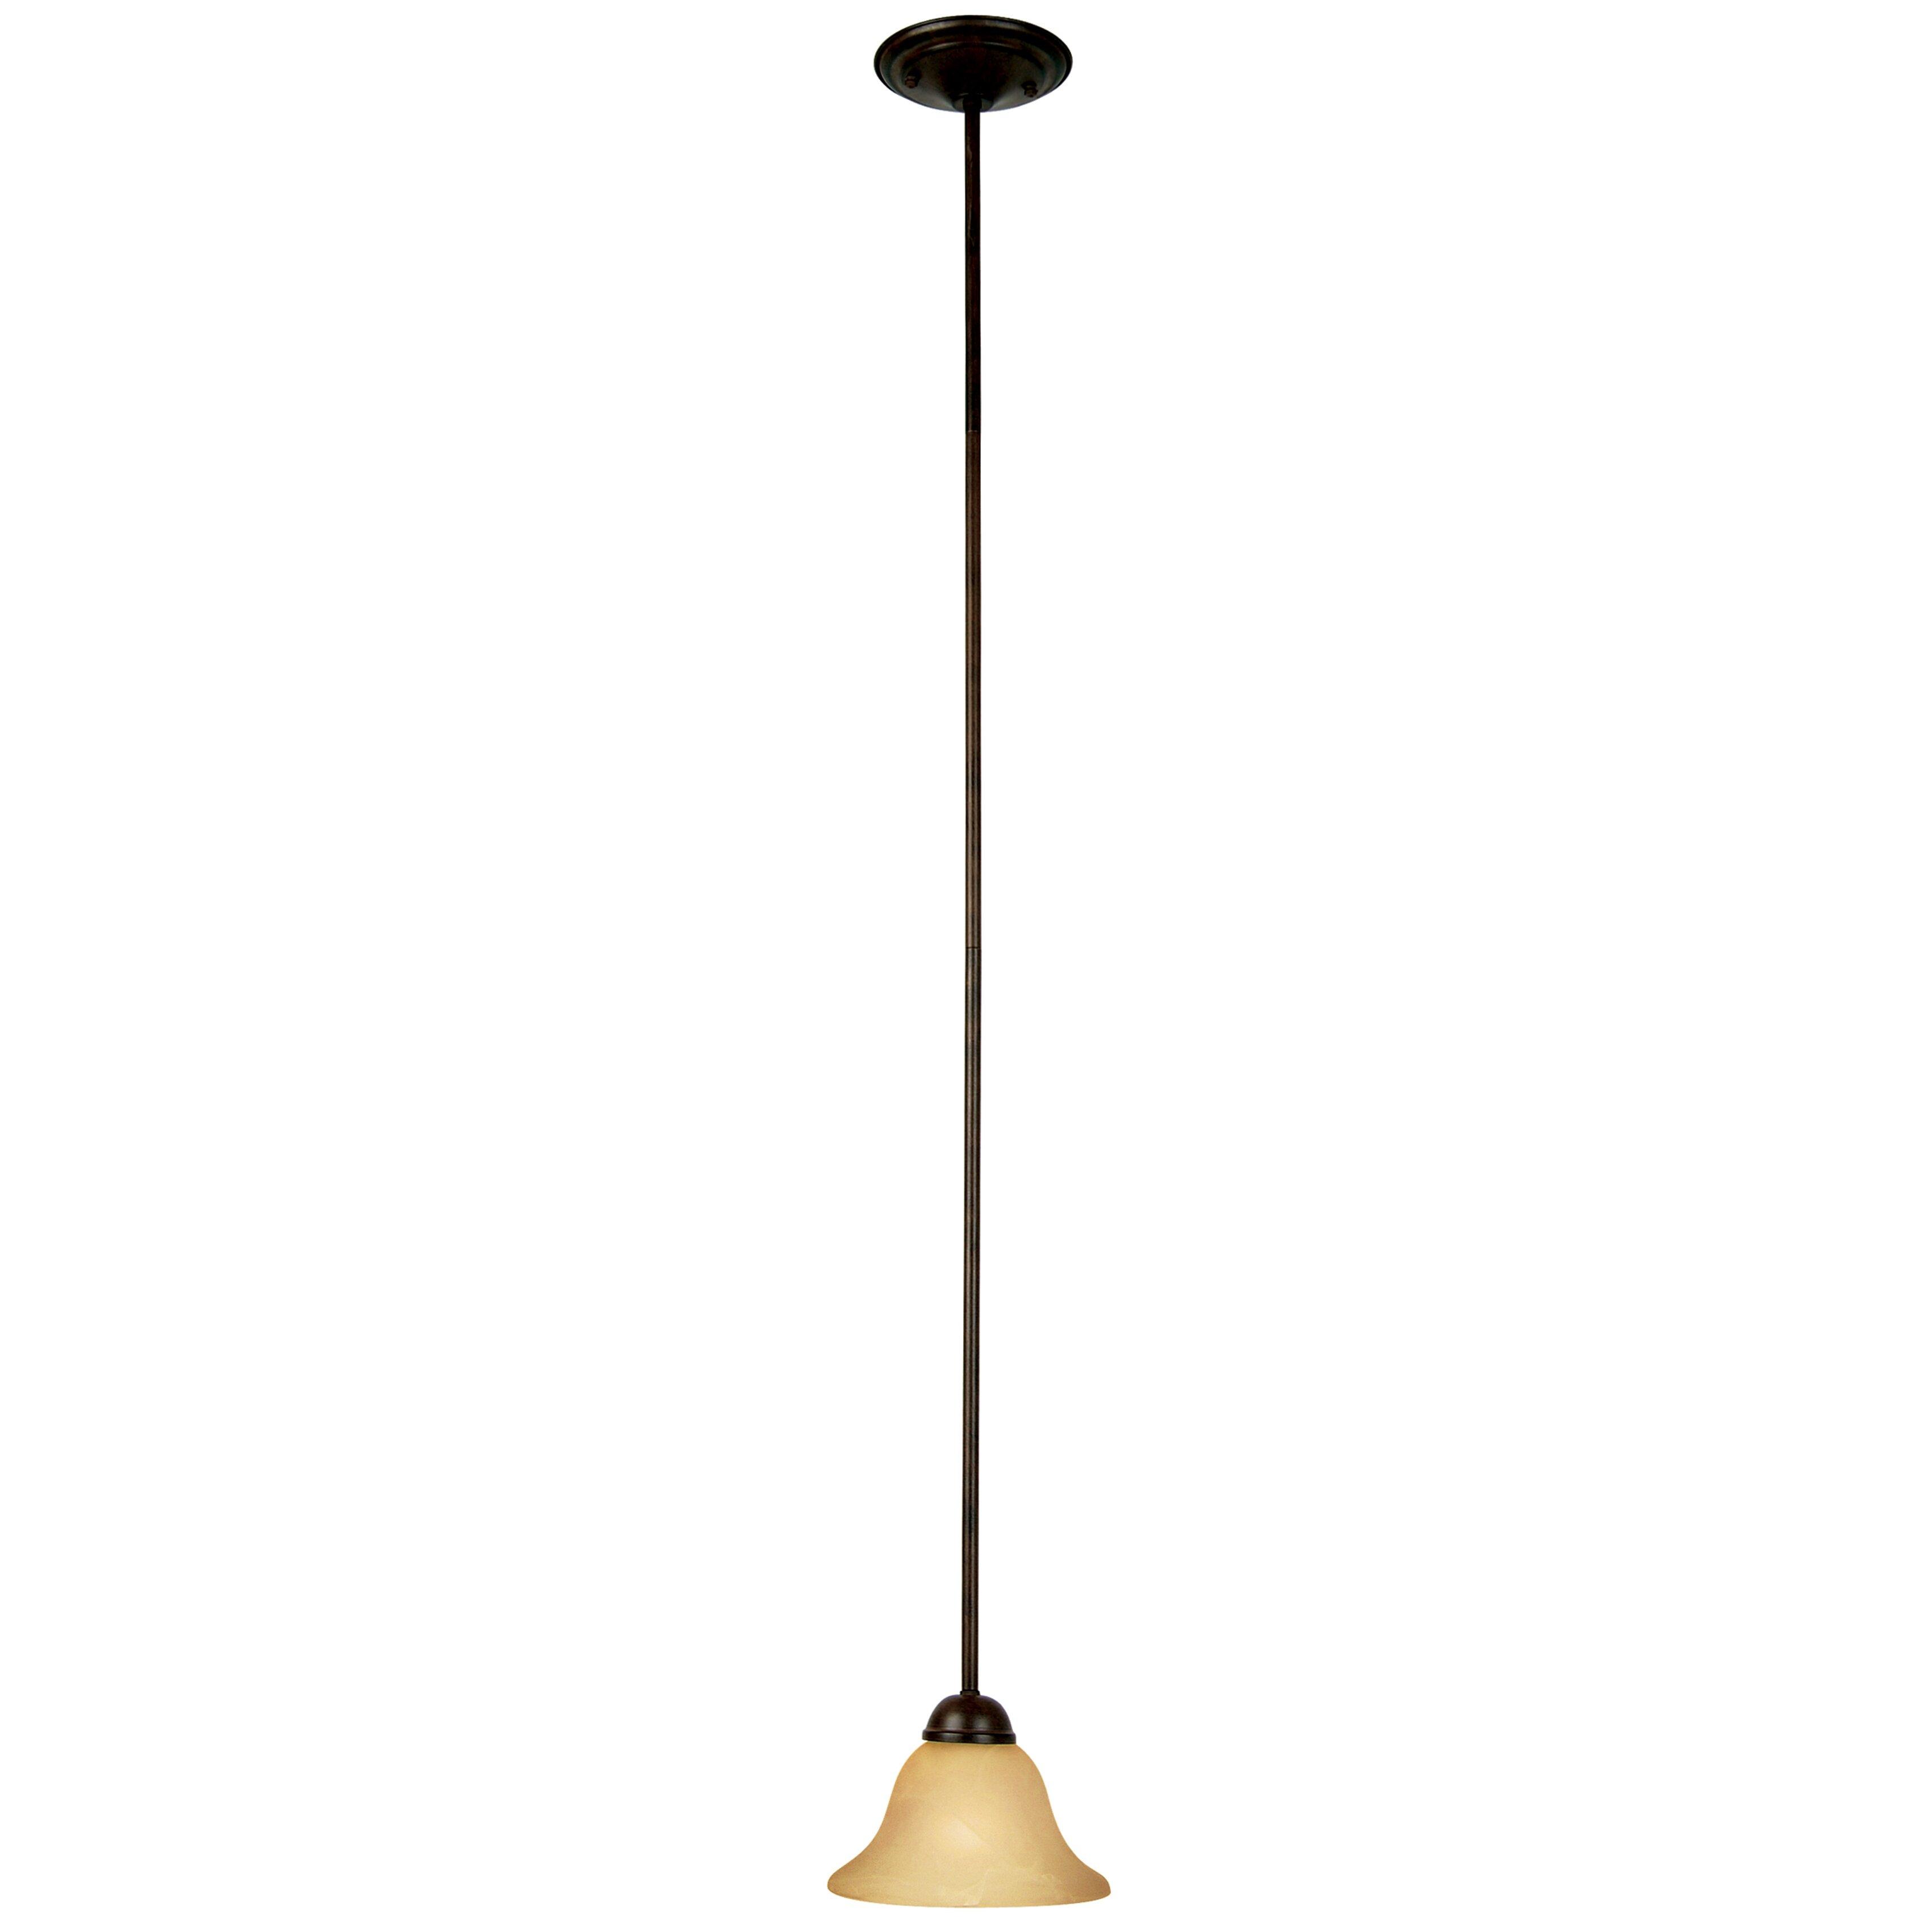 Yosemite home decor vernal falls 1 light mini pendant for Home decorations mini pendant